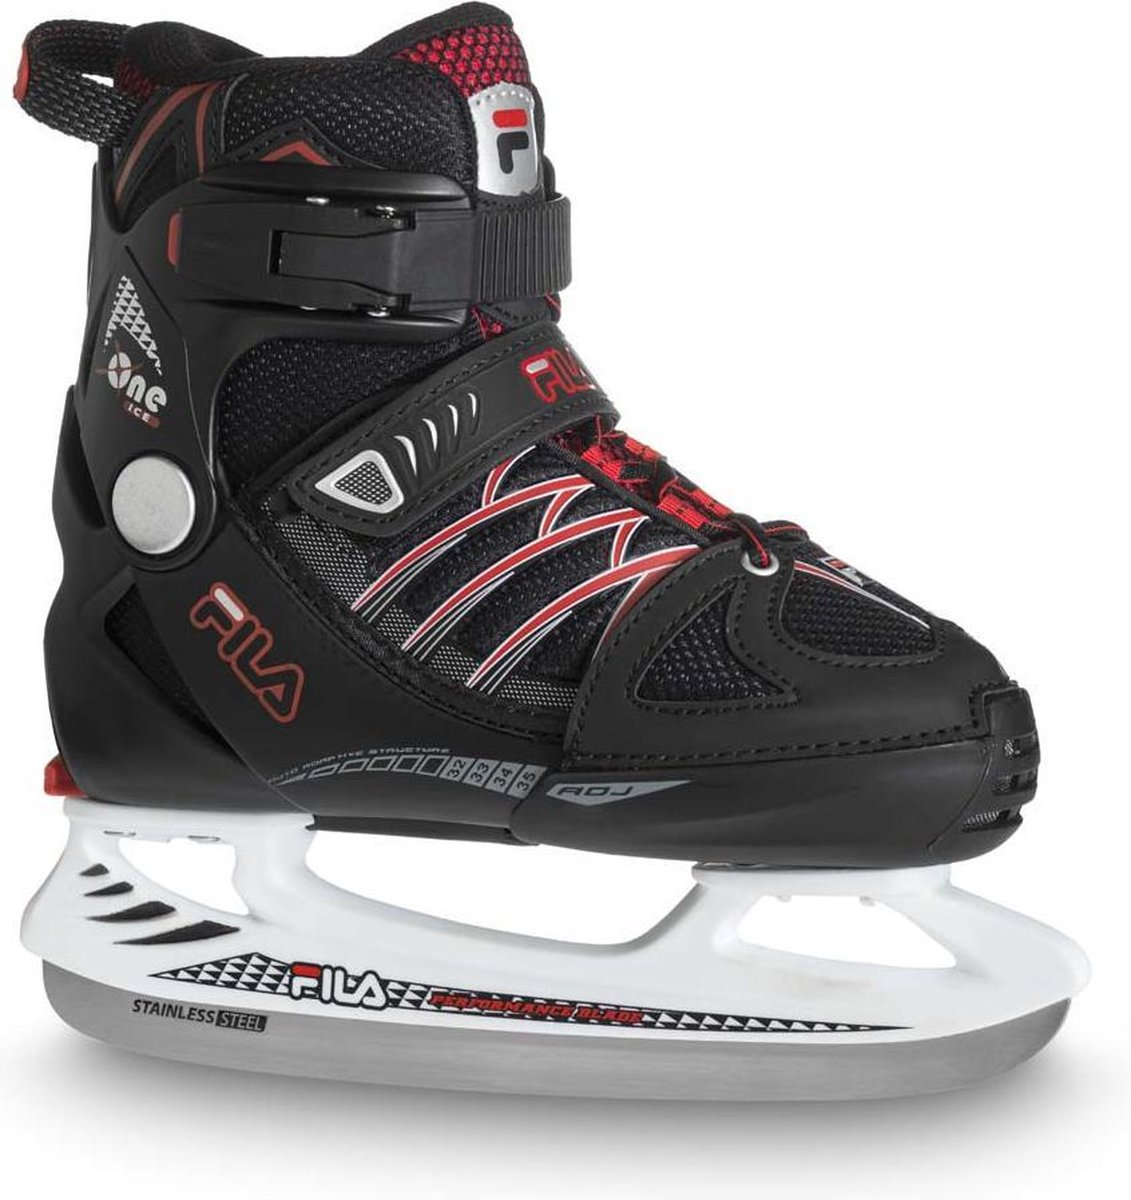 Fila - X-one ice 20 boy- Schaatsen voor kinderen - Maat 29-32 - Rood - IJshockeyschaats voor kinderen